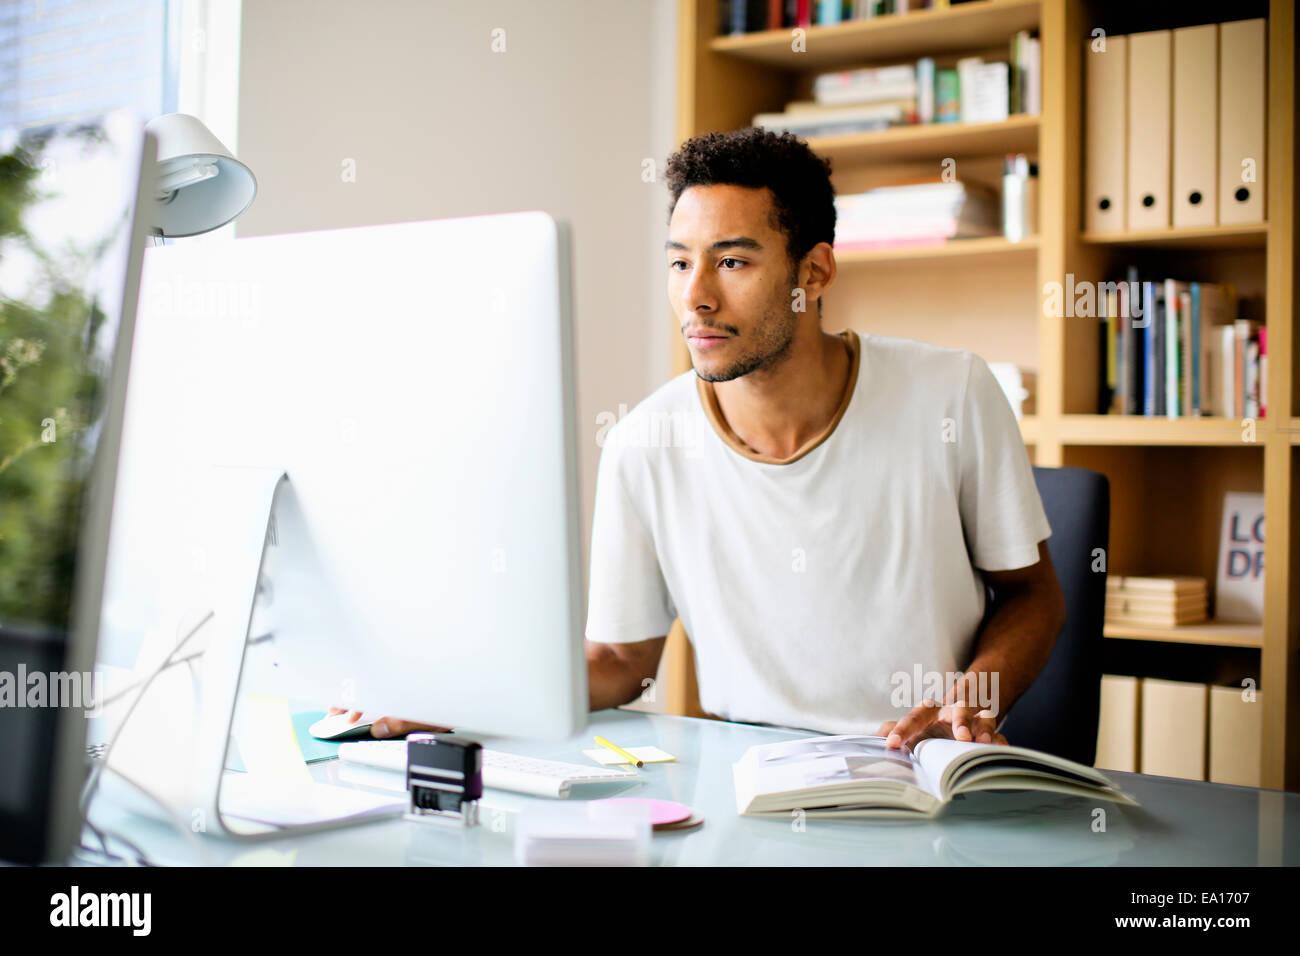 Designer graphique à l'aide d'ordinateur au travail Photo Stock